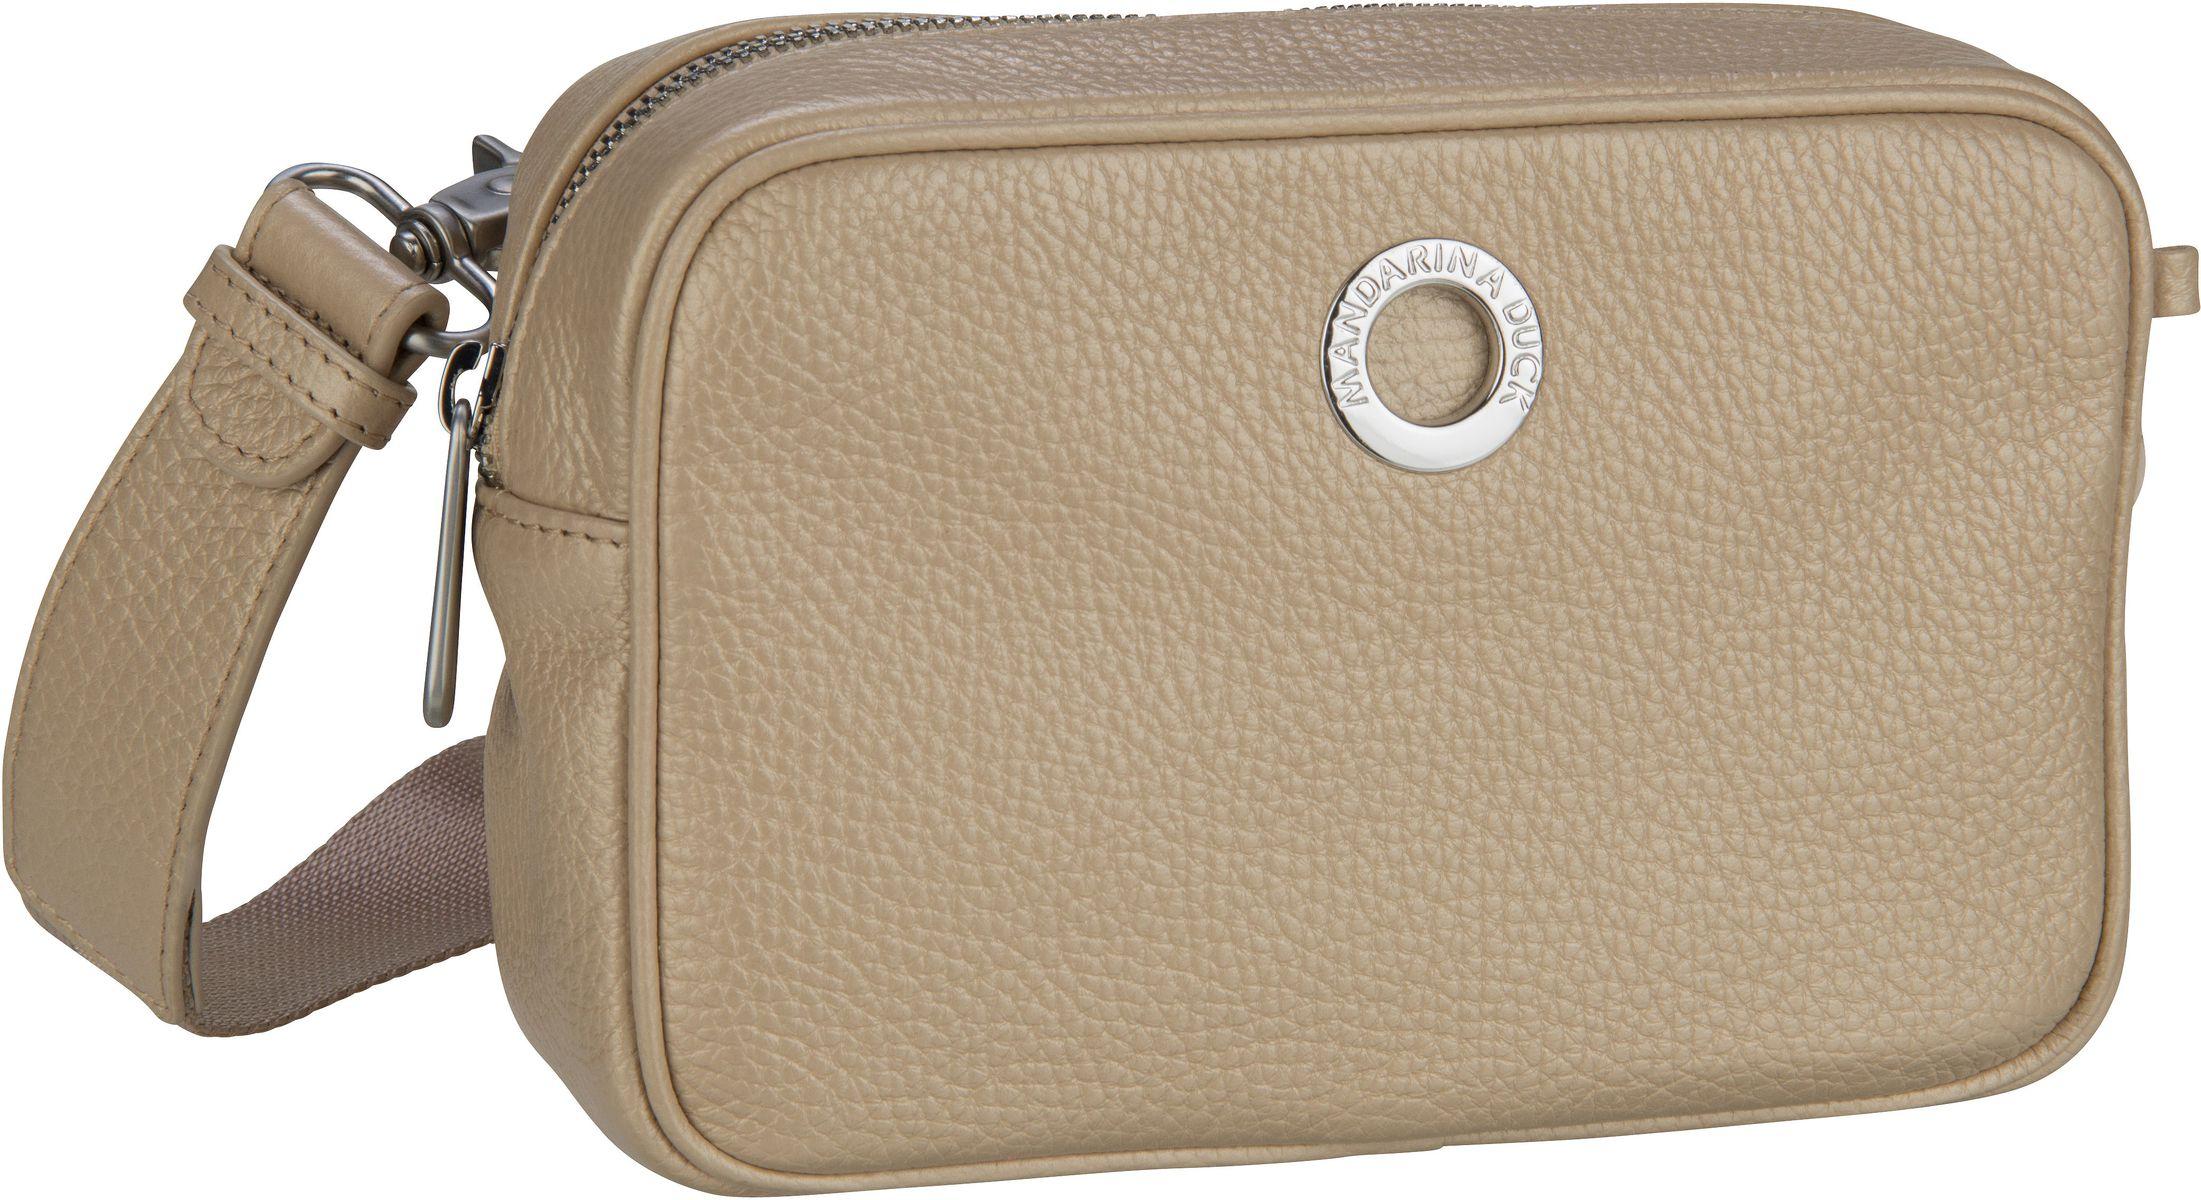 Umhängetasche Mellow Leather Lux Camera Bag ZLT22 Irish Cream